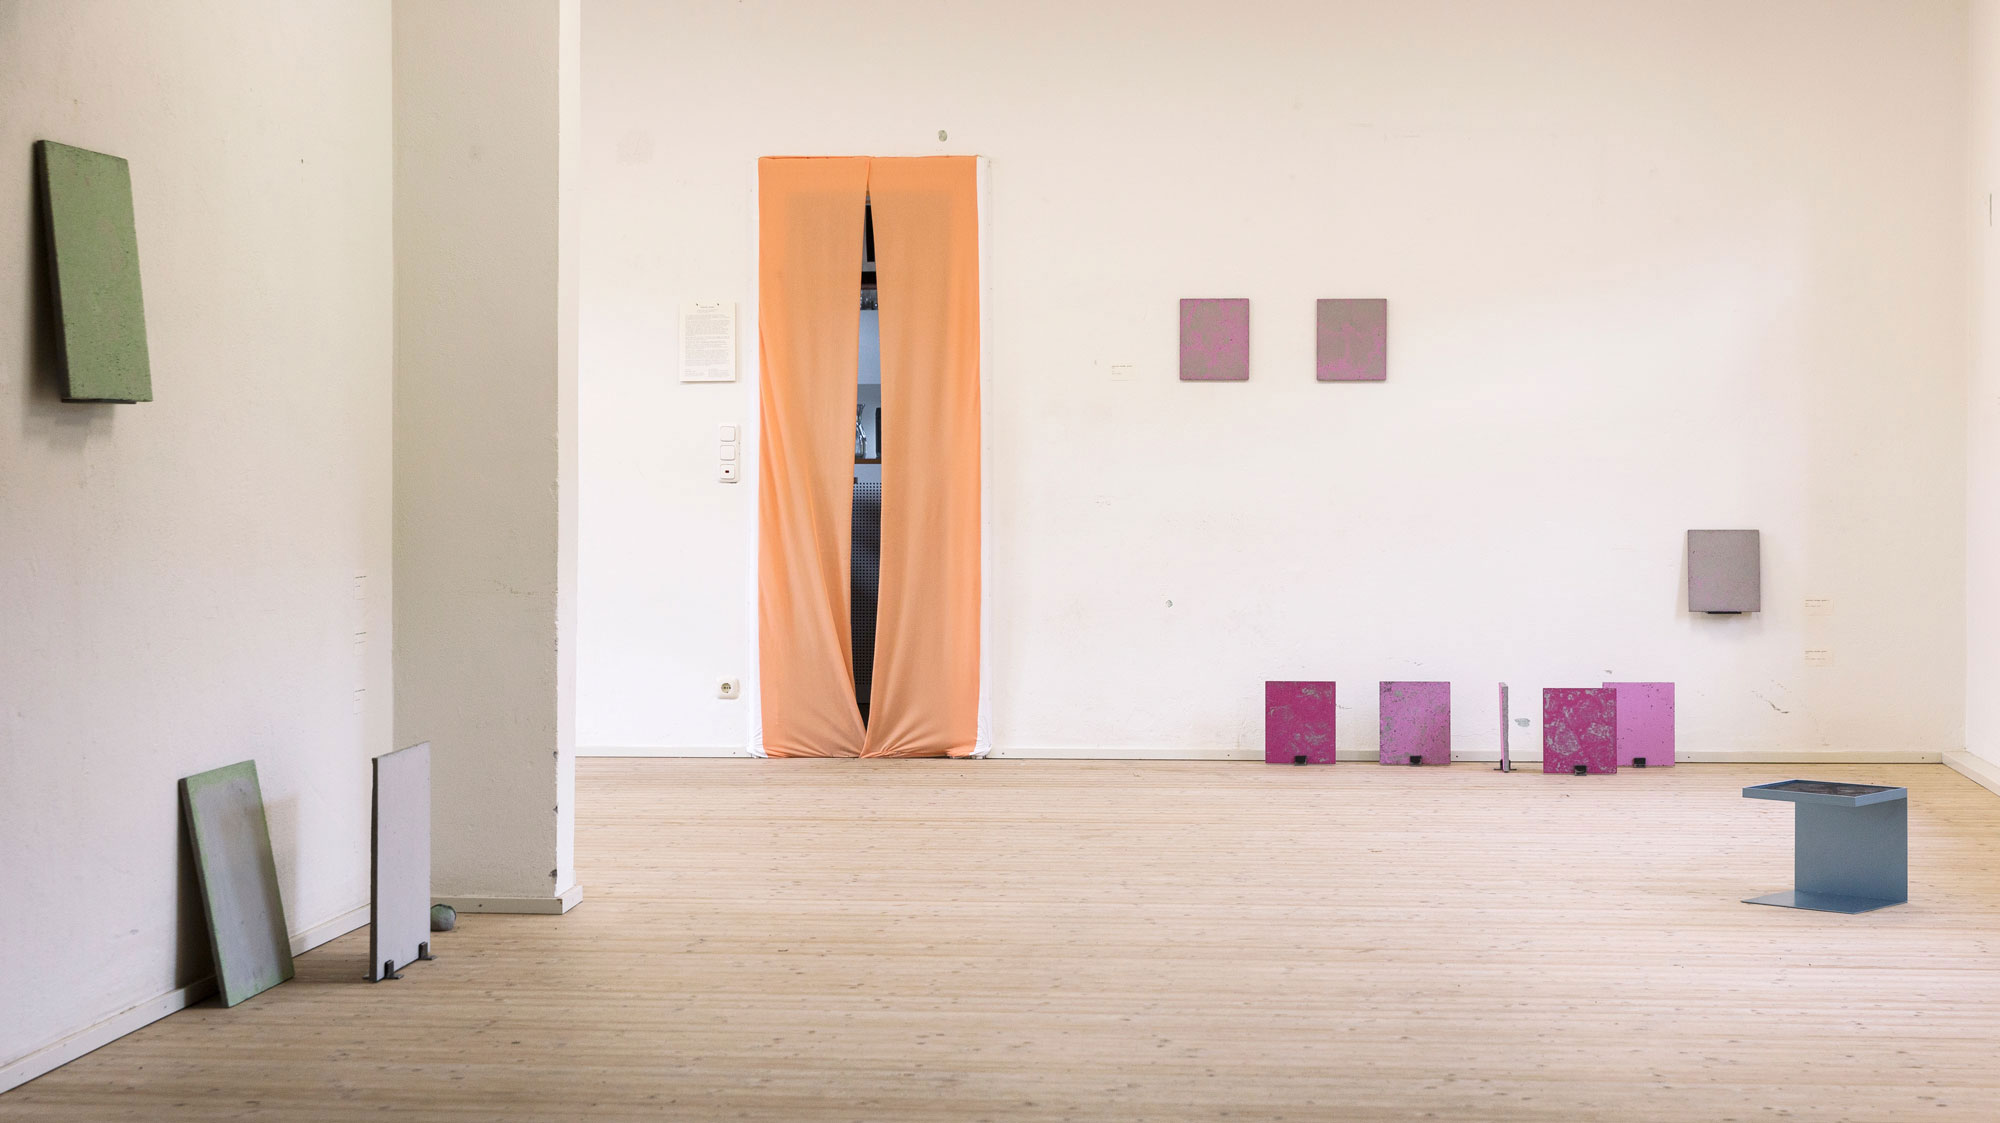 Luka-Jana-Berchtold_ConcreteDreams_exhibition-view-c-Melanie-Schneider